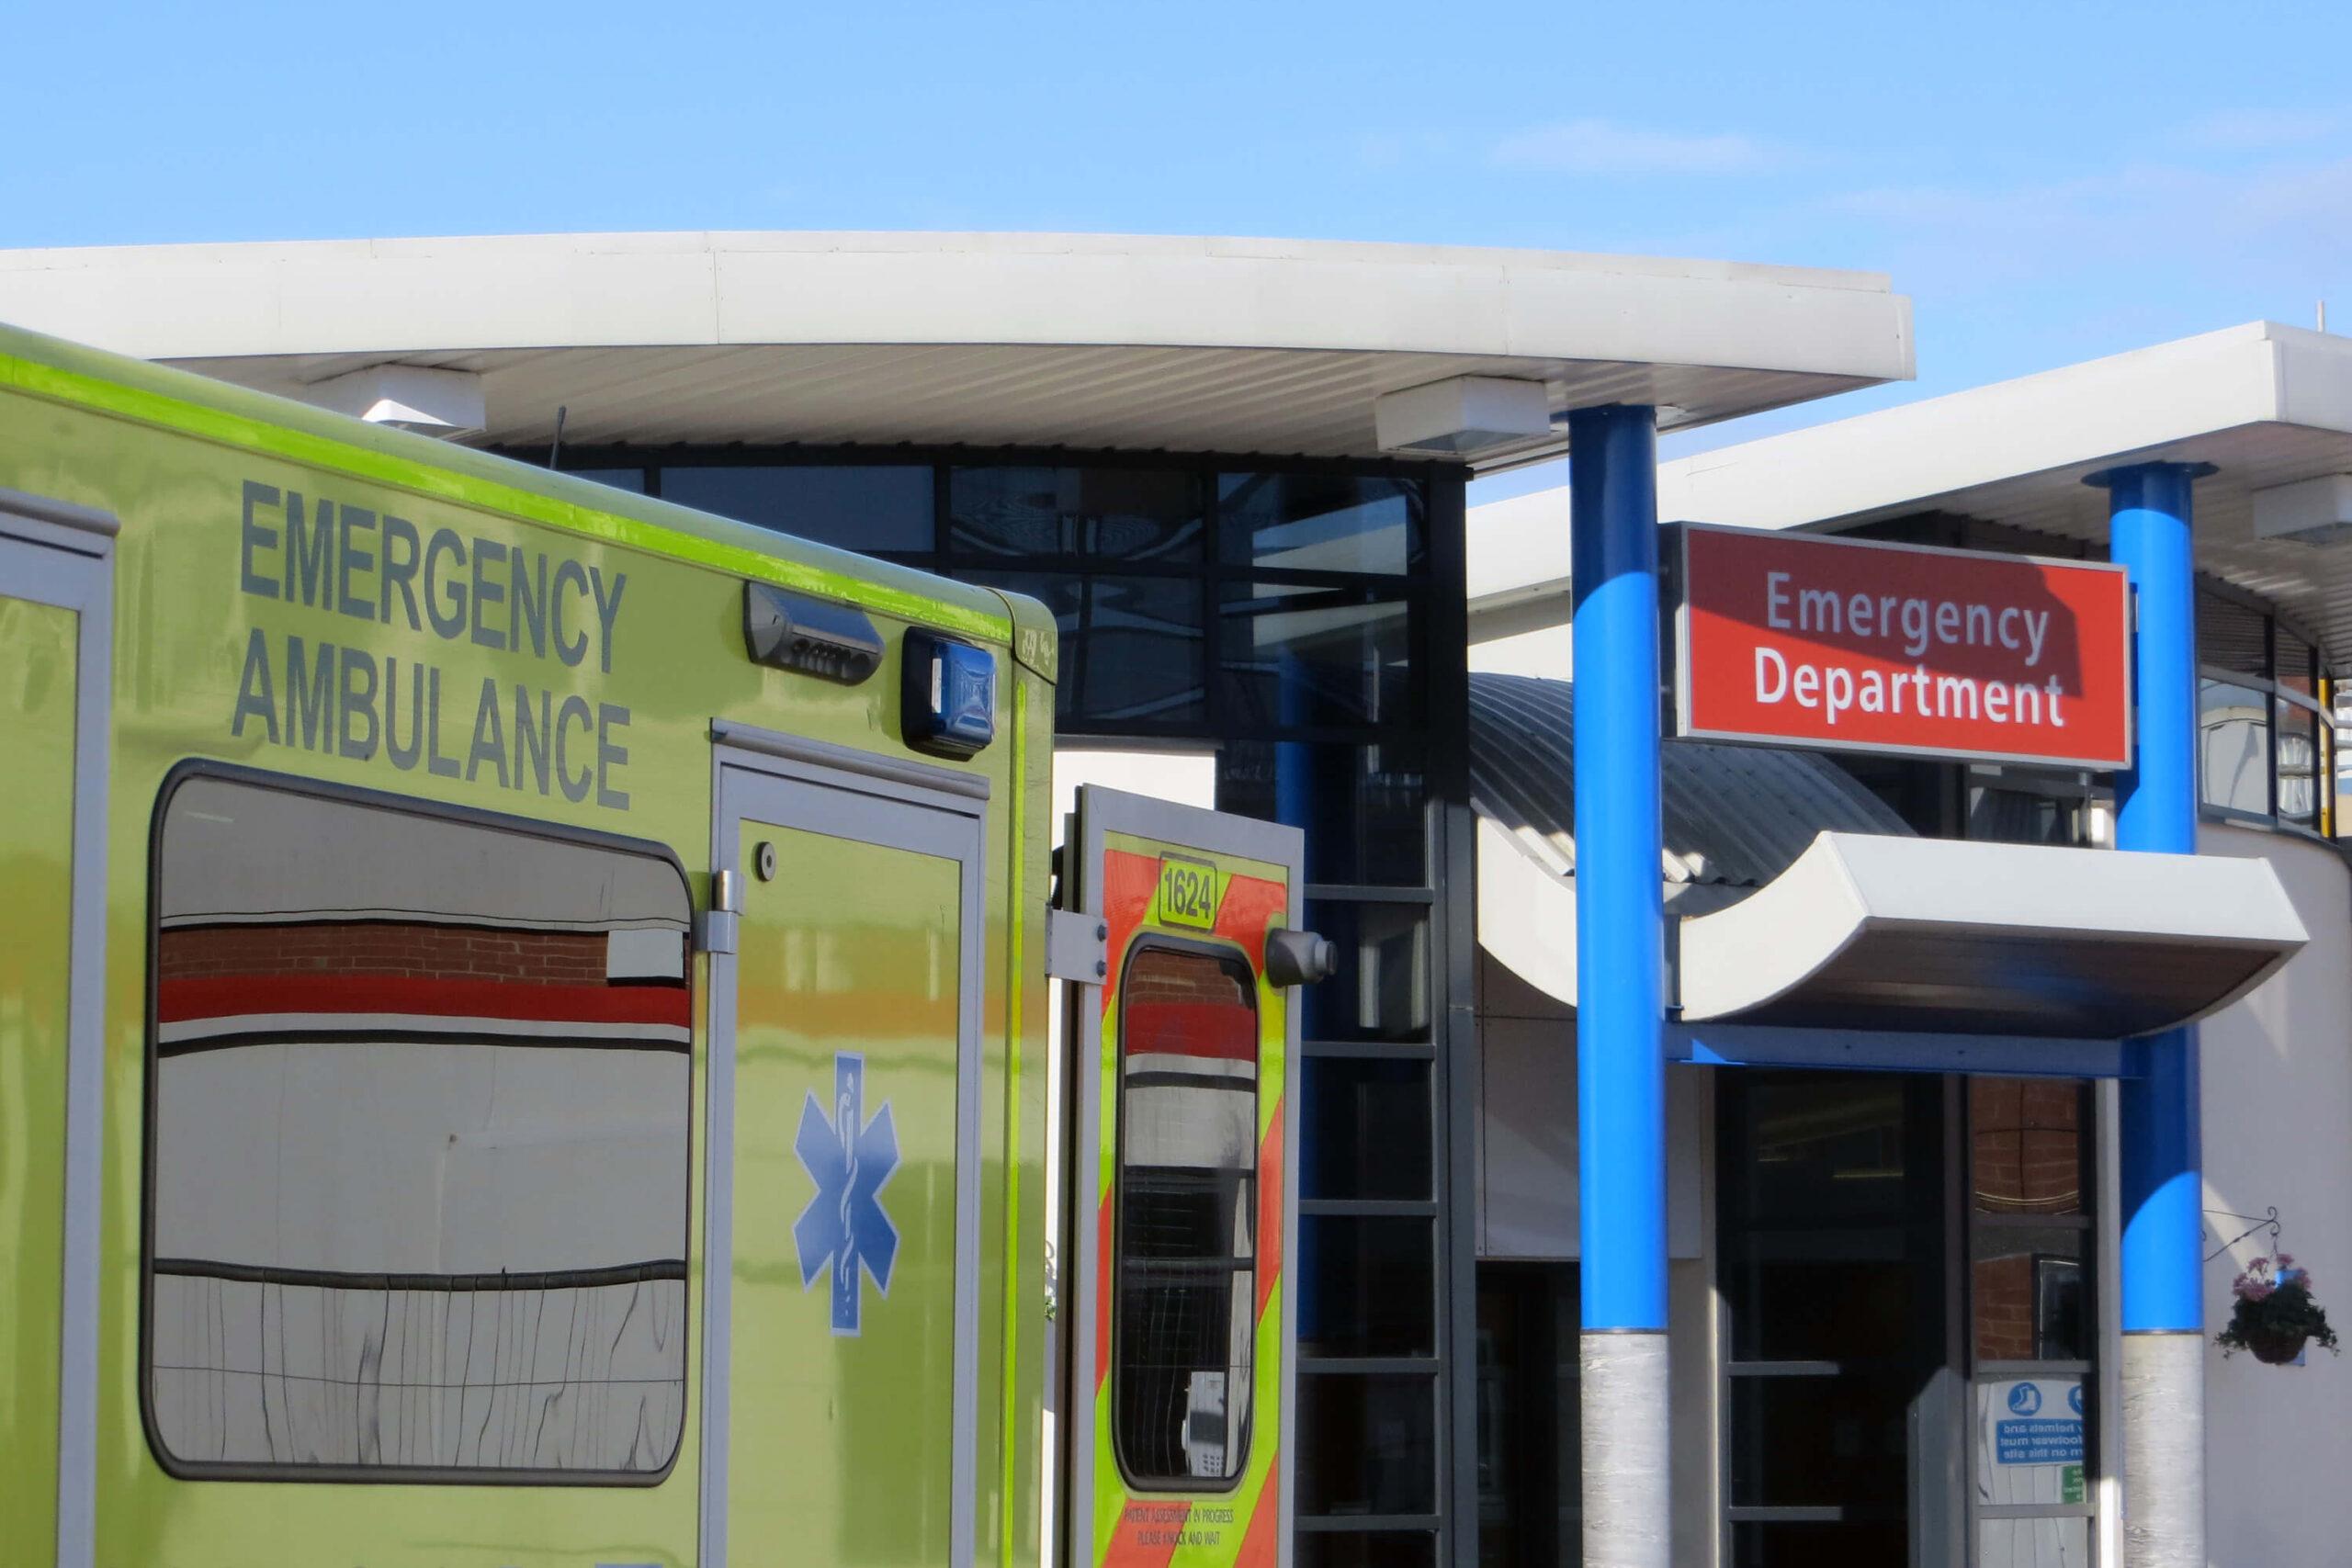 Ambulance_at_A&E